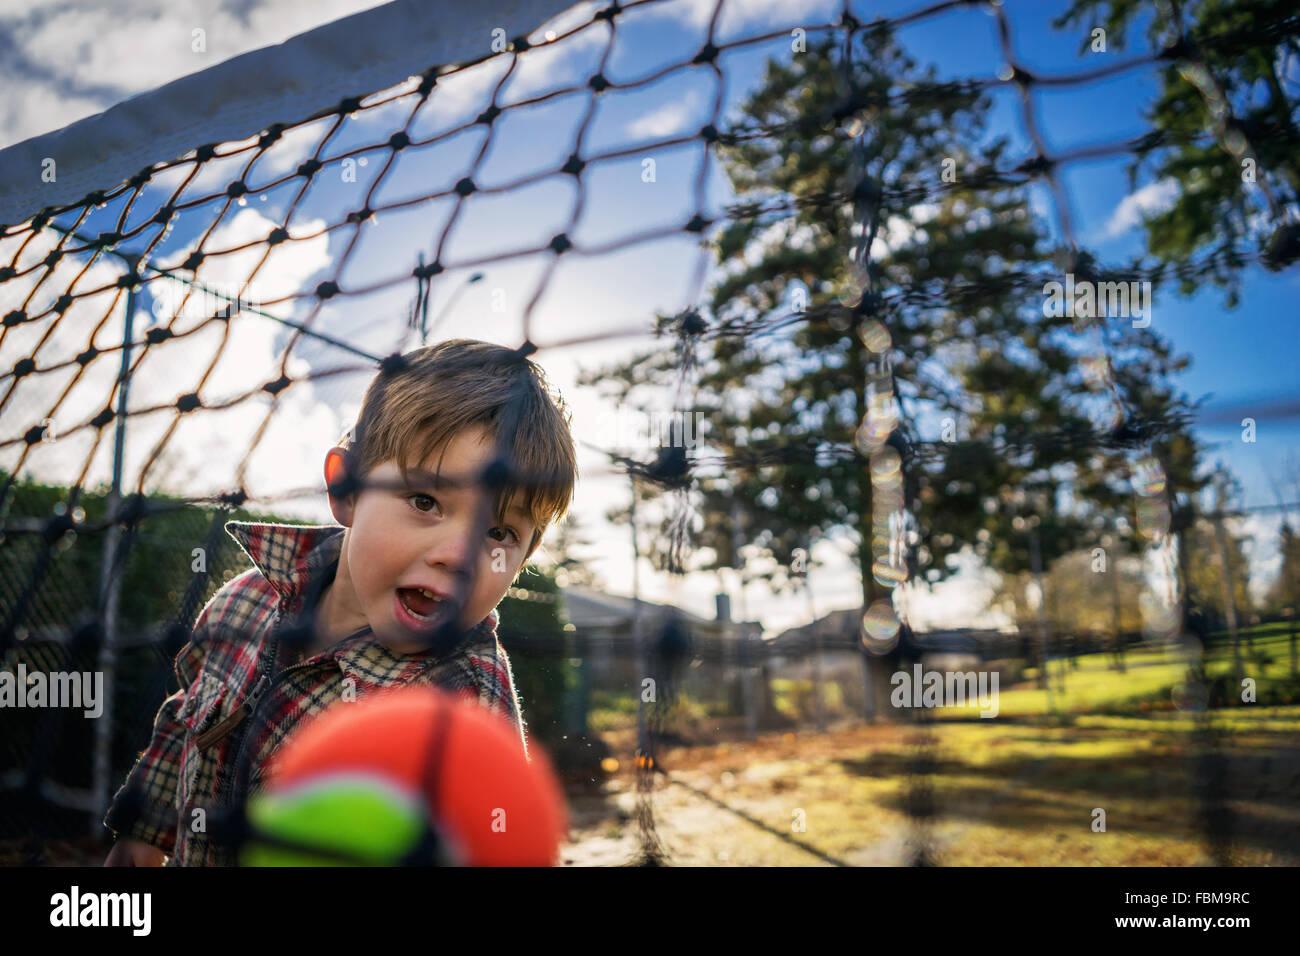 Vista attraverso una rete di un ragazzino gettando palla da tennis Immagini Stock